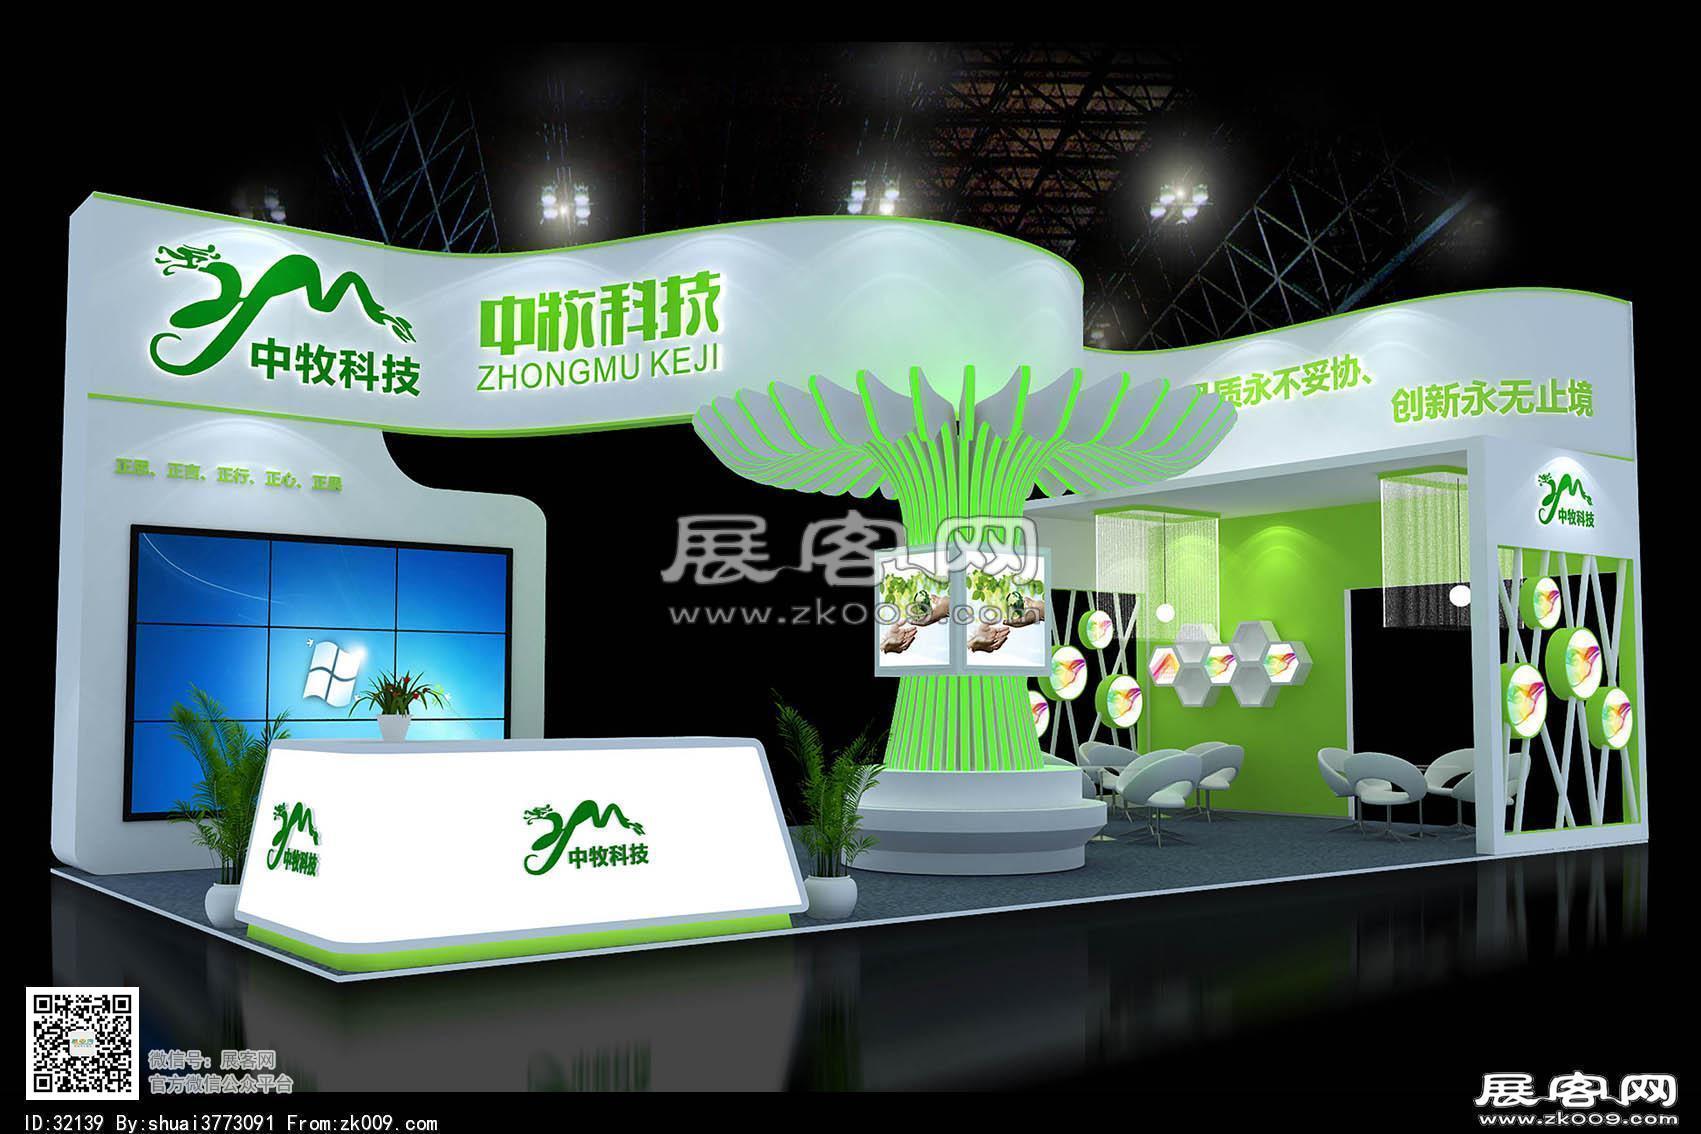 中牧科技展臺模型圖片